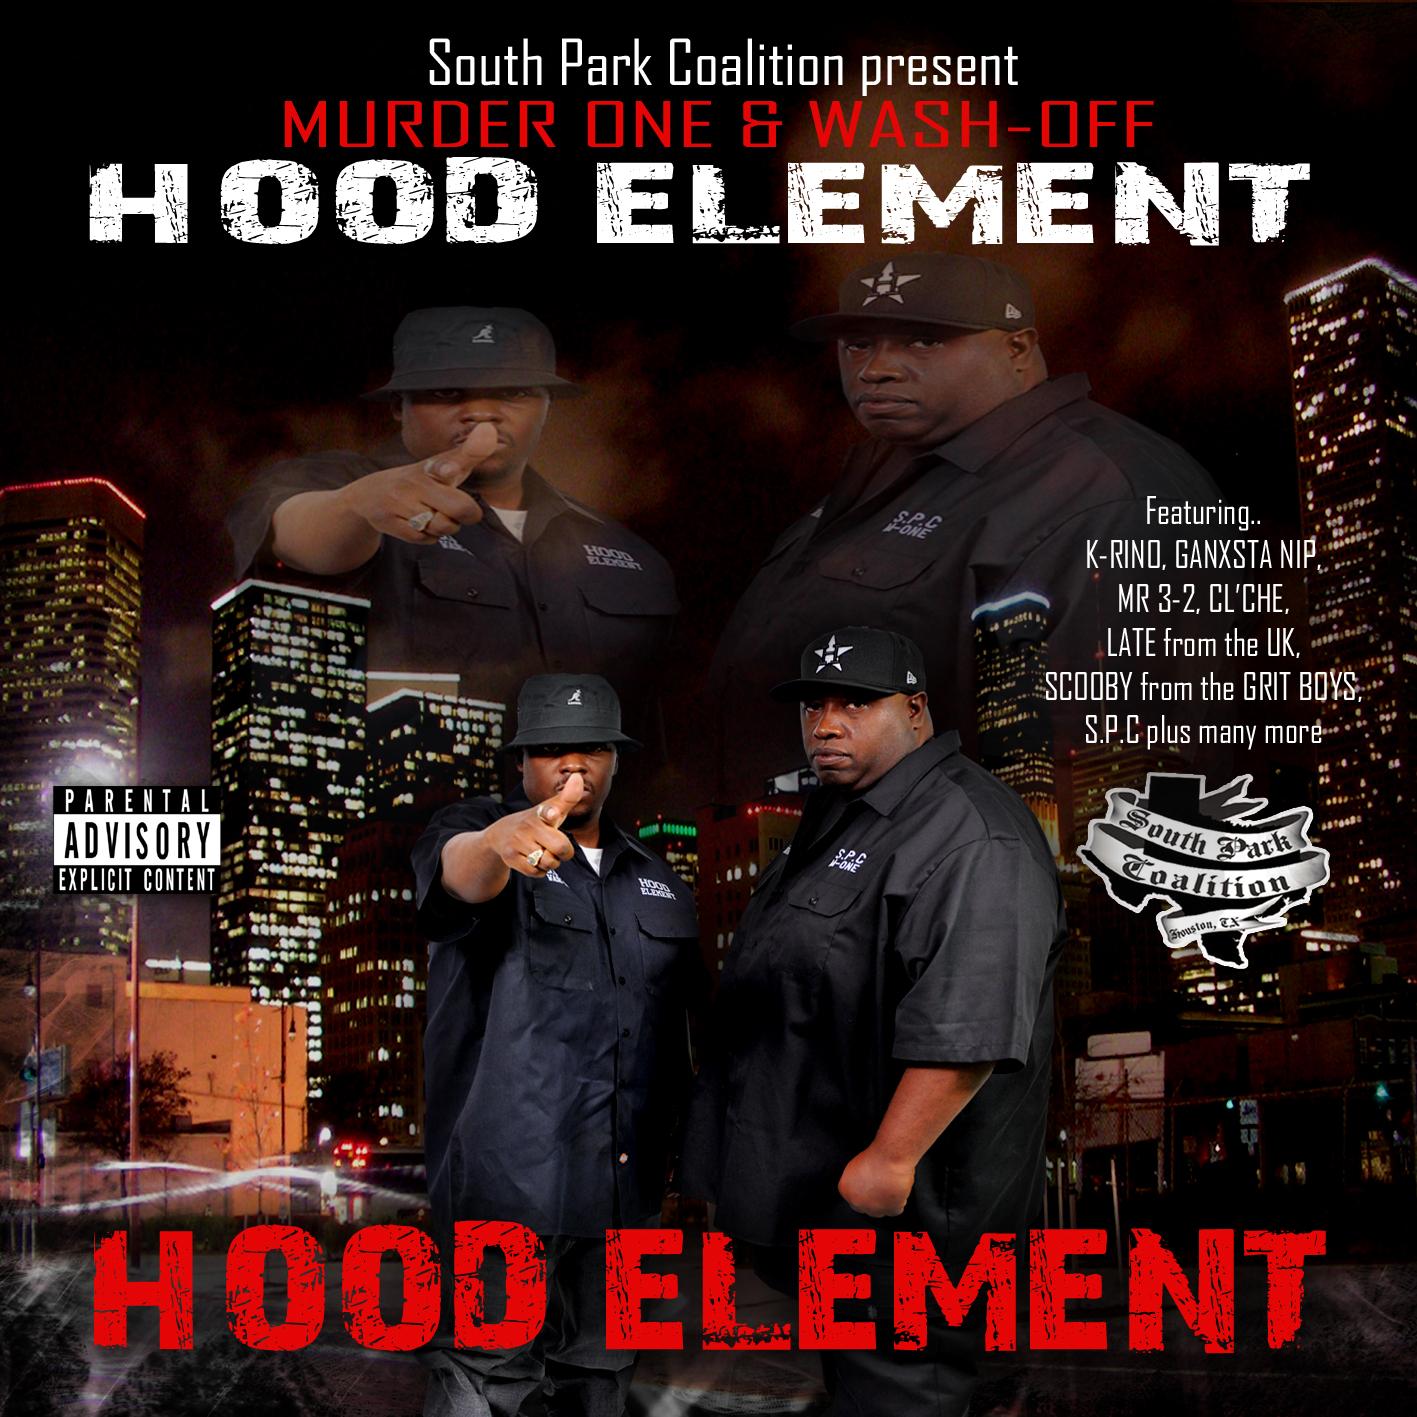 Hood Element